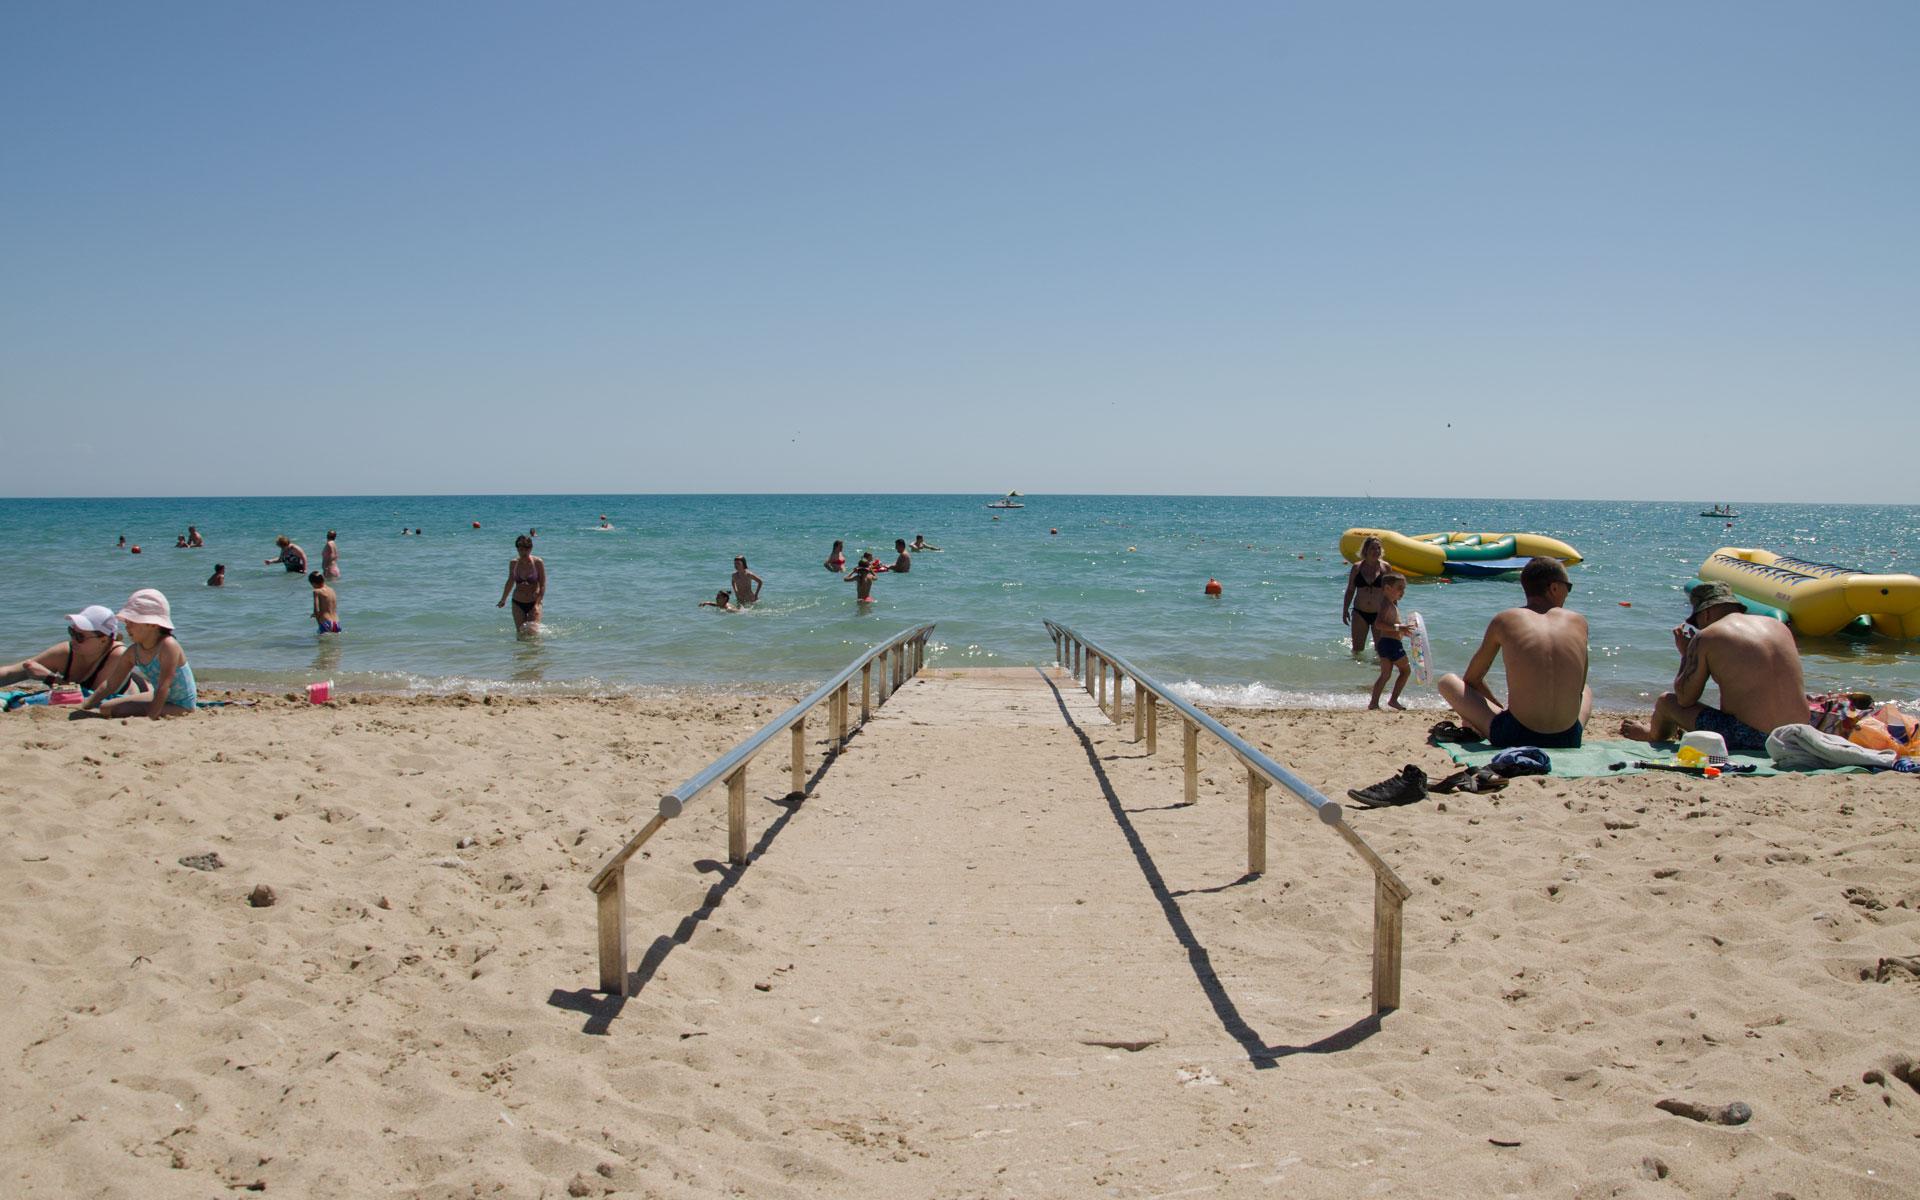 пляж солярис в евпатории фото недостатков сорта отмечают